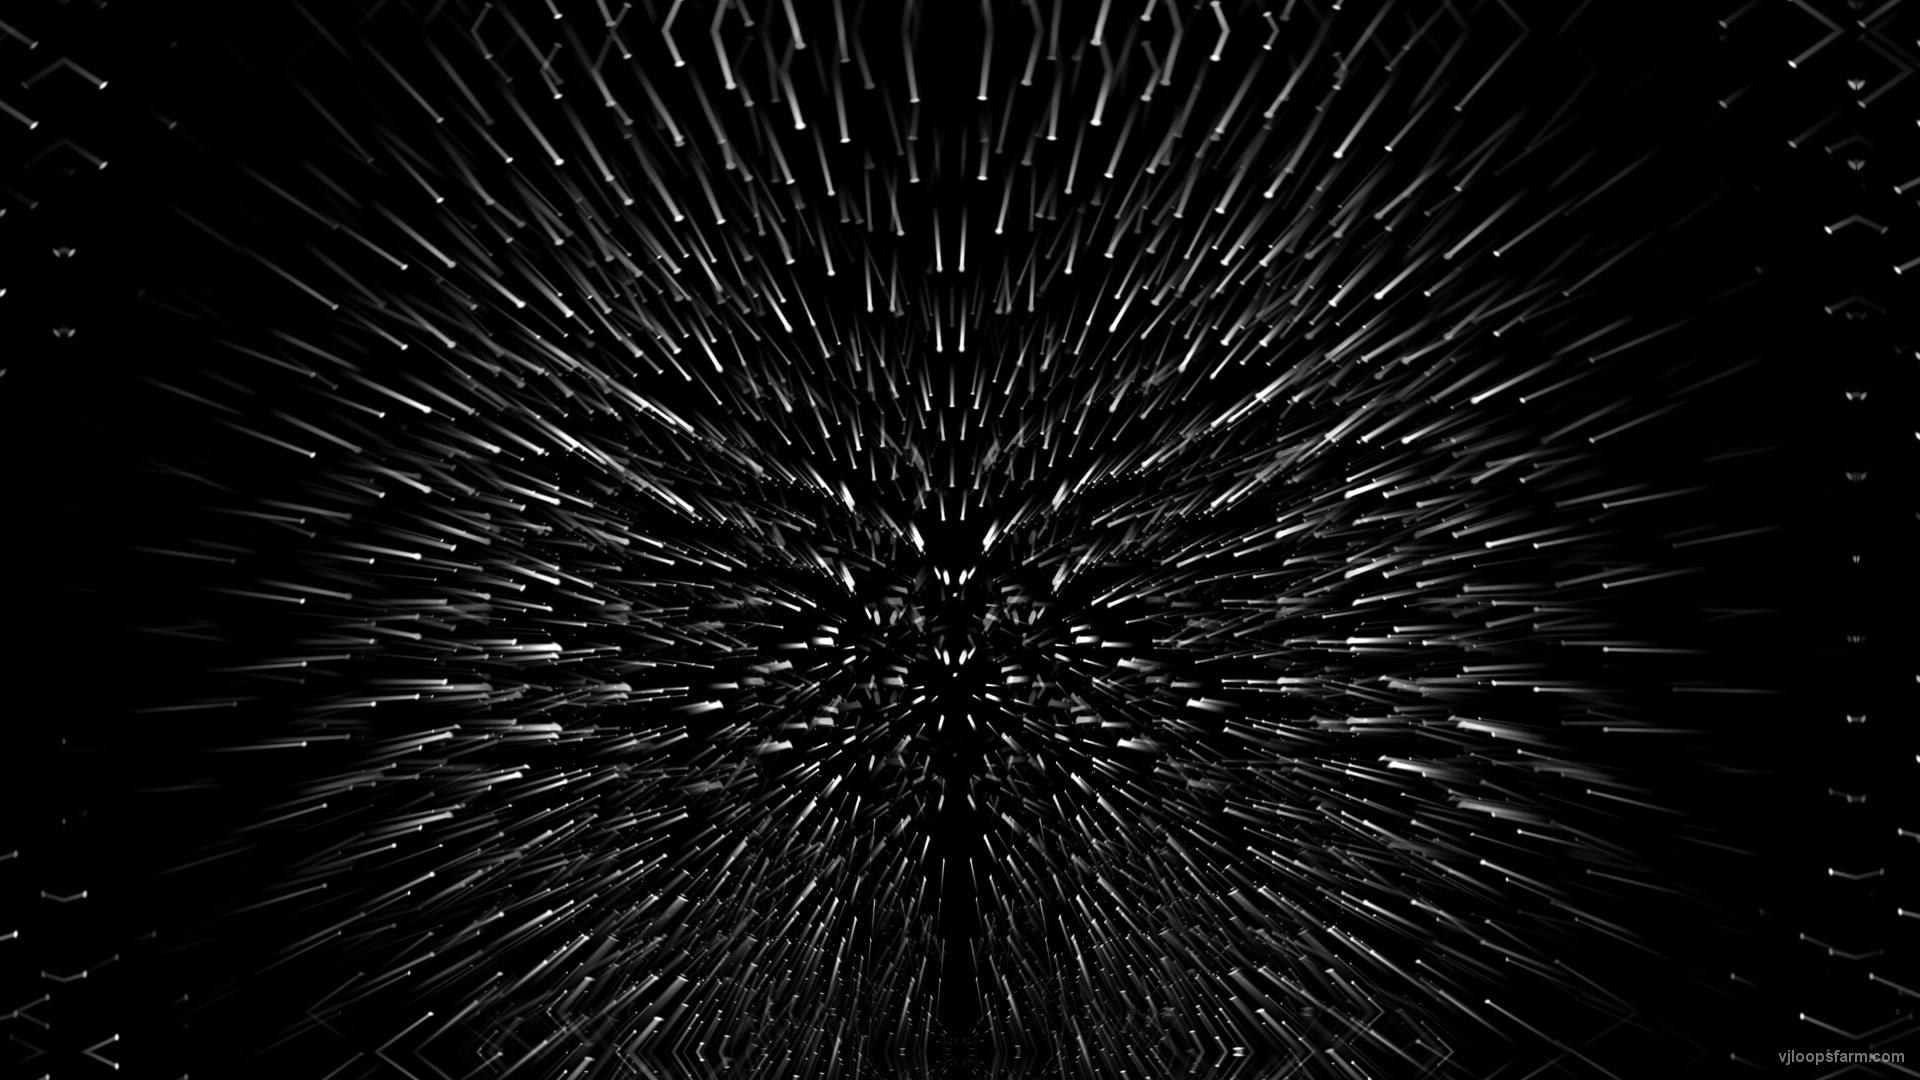 White Noise 2 - VJ Loop - VJ Loop  Download Full HD vj loop